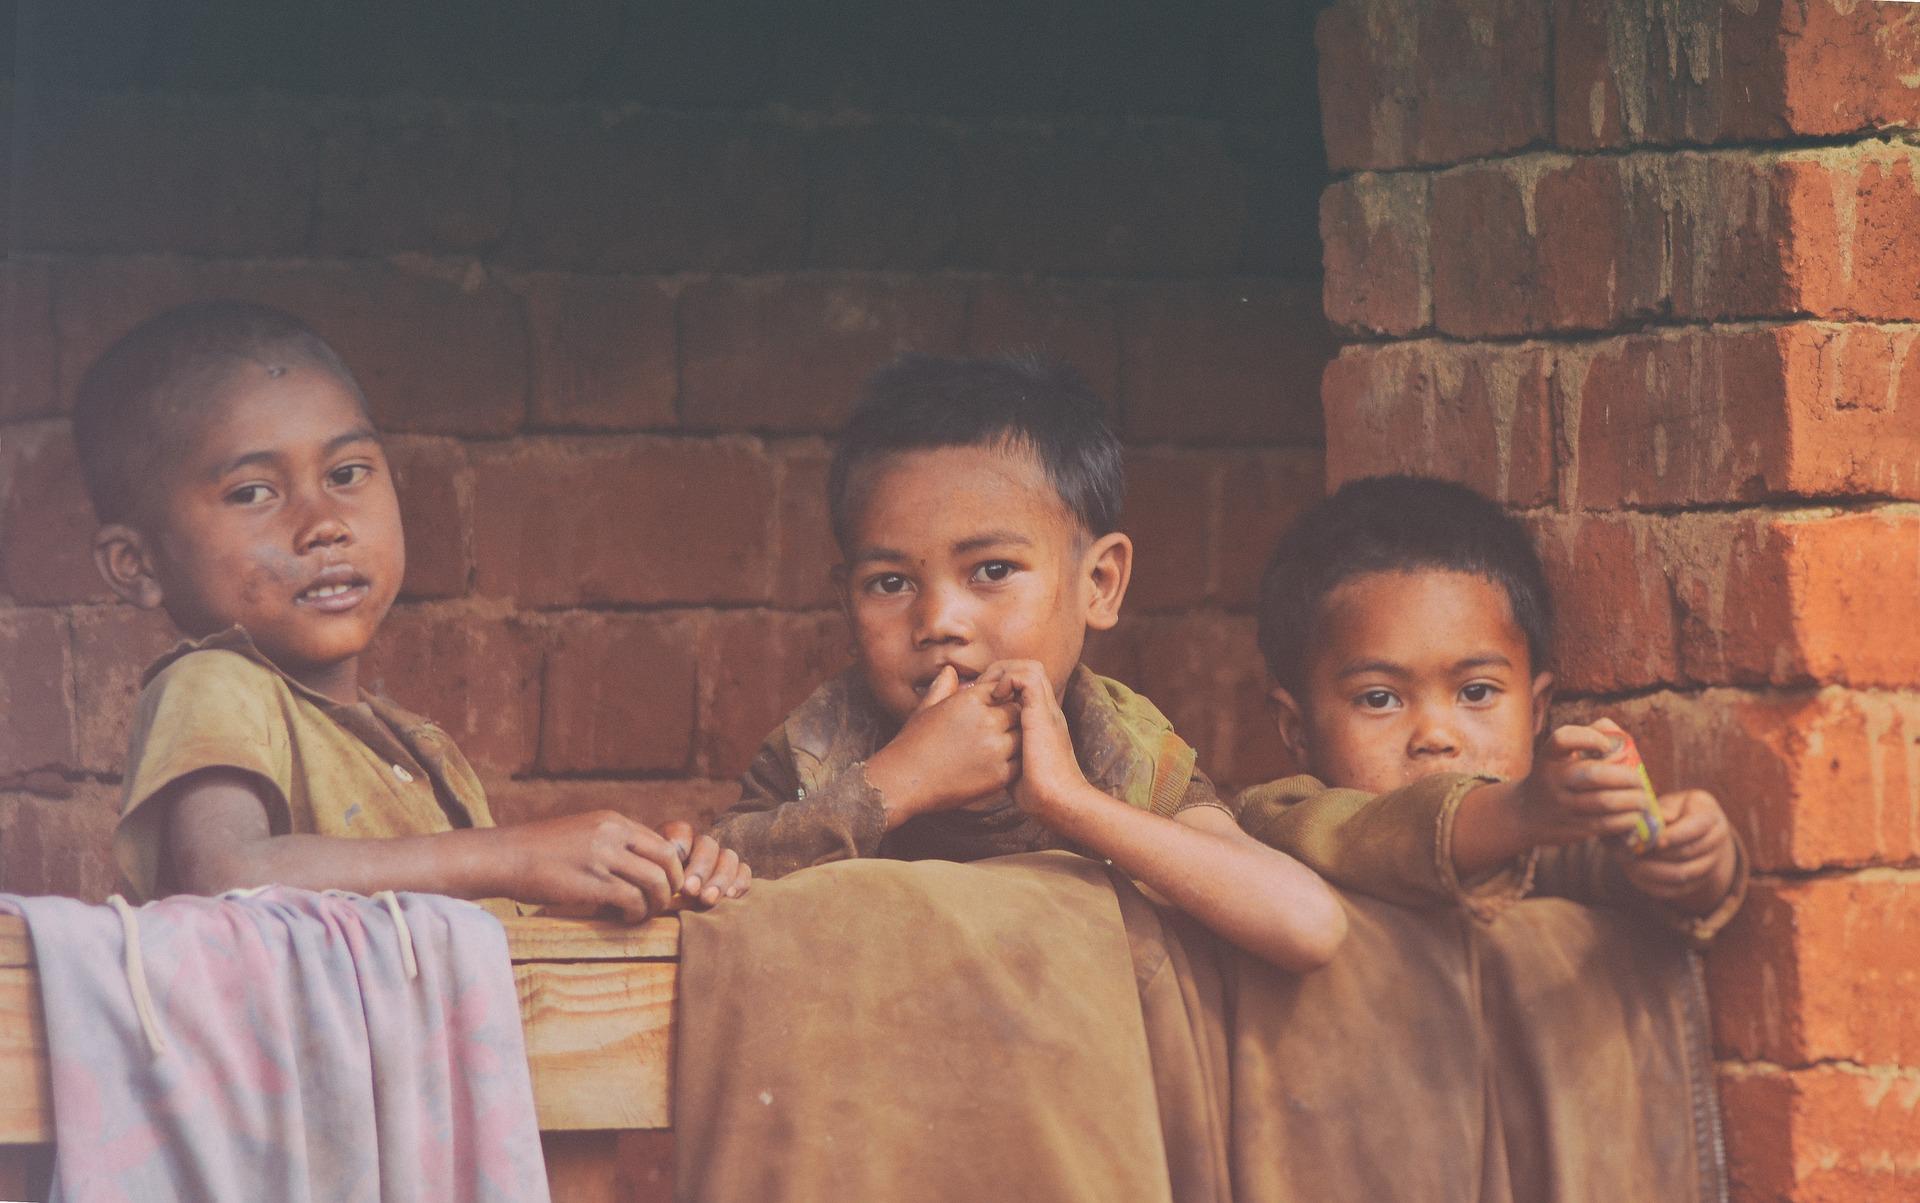 Guatemala registra 9,428 casos de desnutrición aguda durante 2021